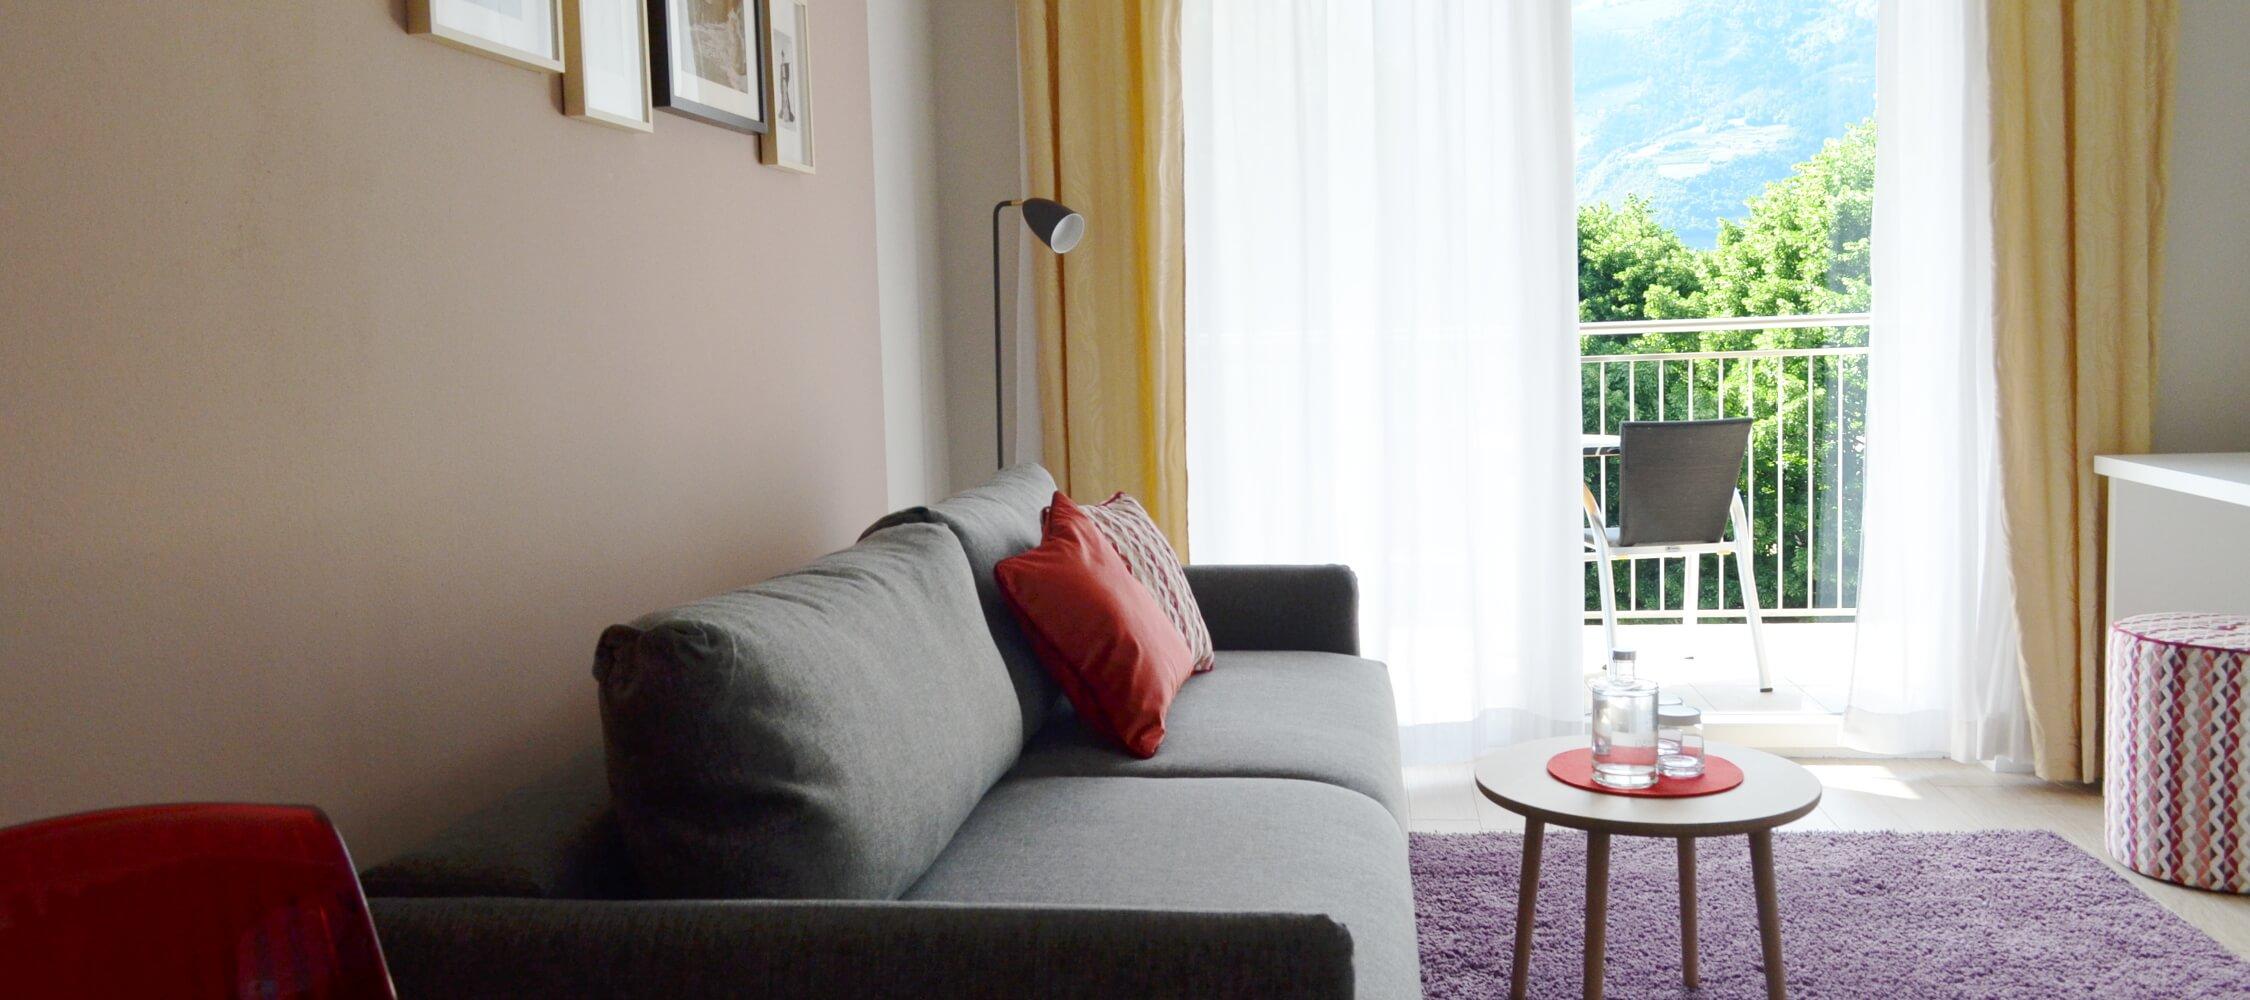 City_Hotel_Merano_Suite_Lifestyle_Wohnzimmer_Detail_0603_2250x1000